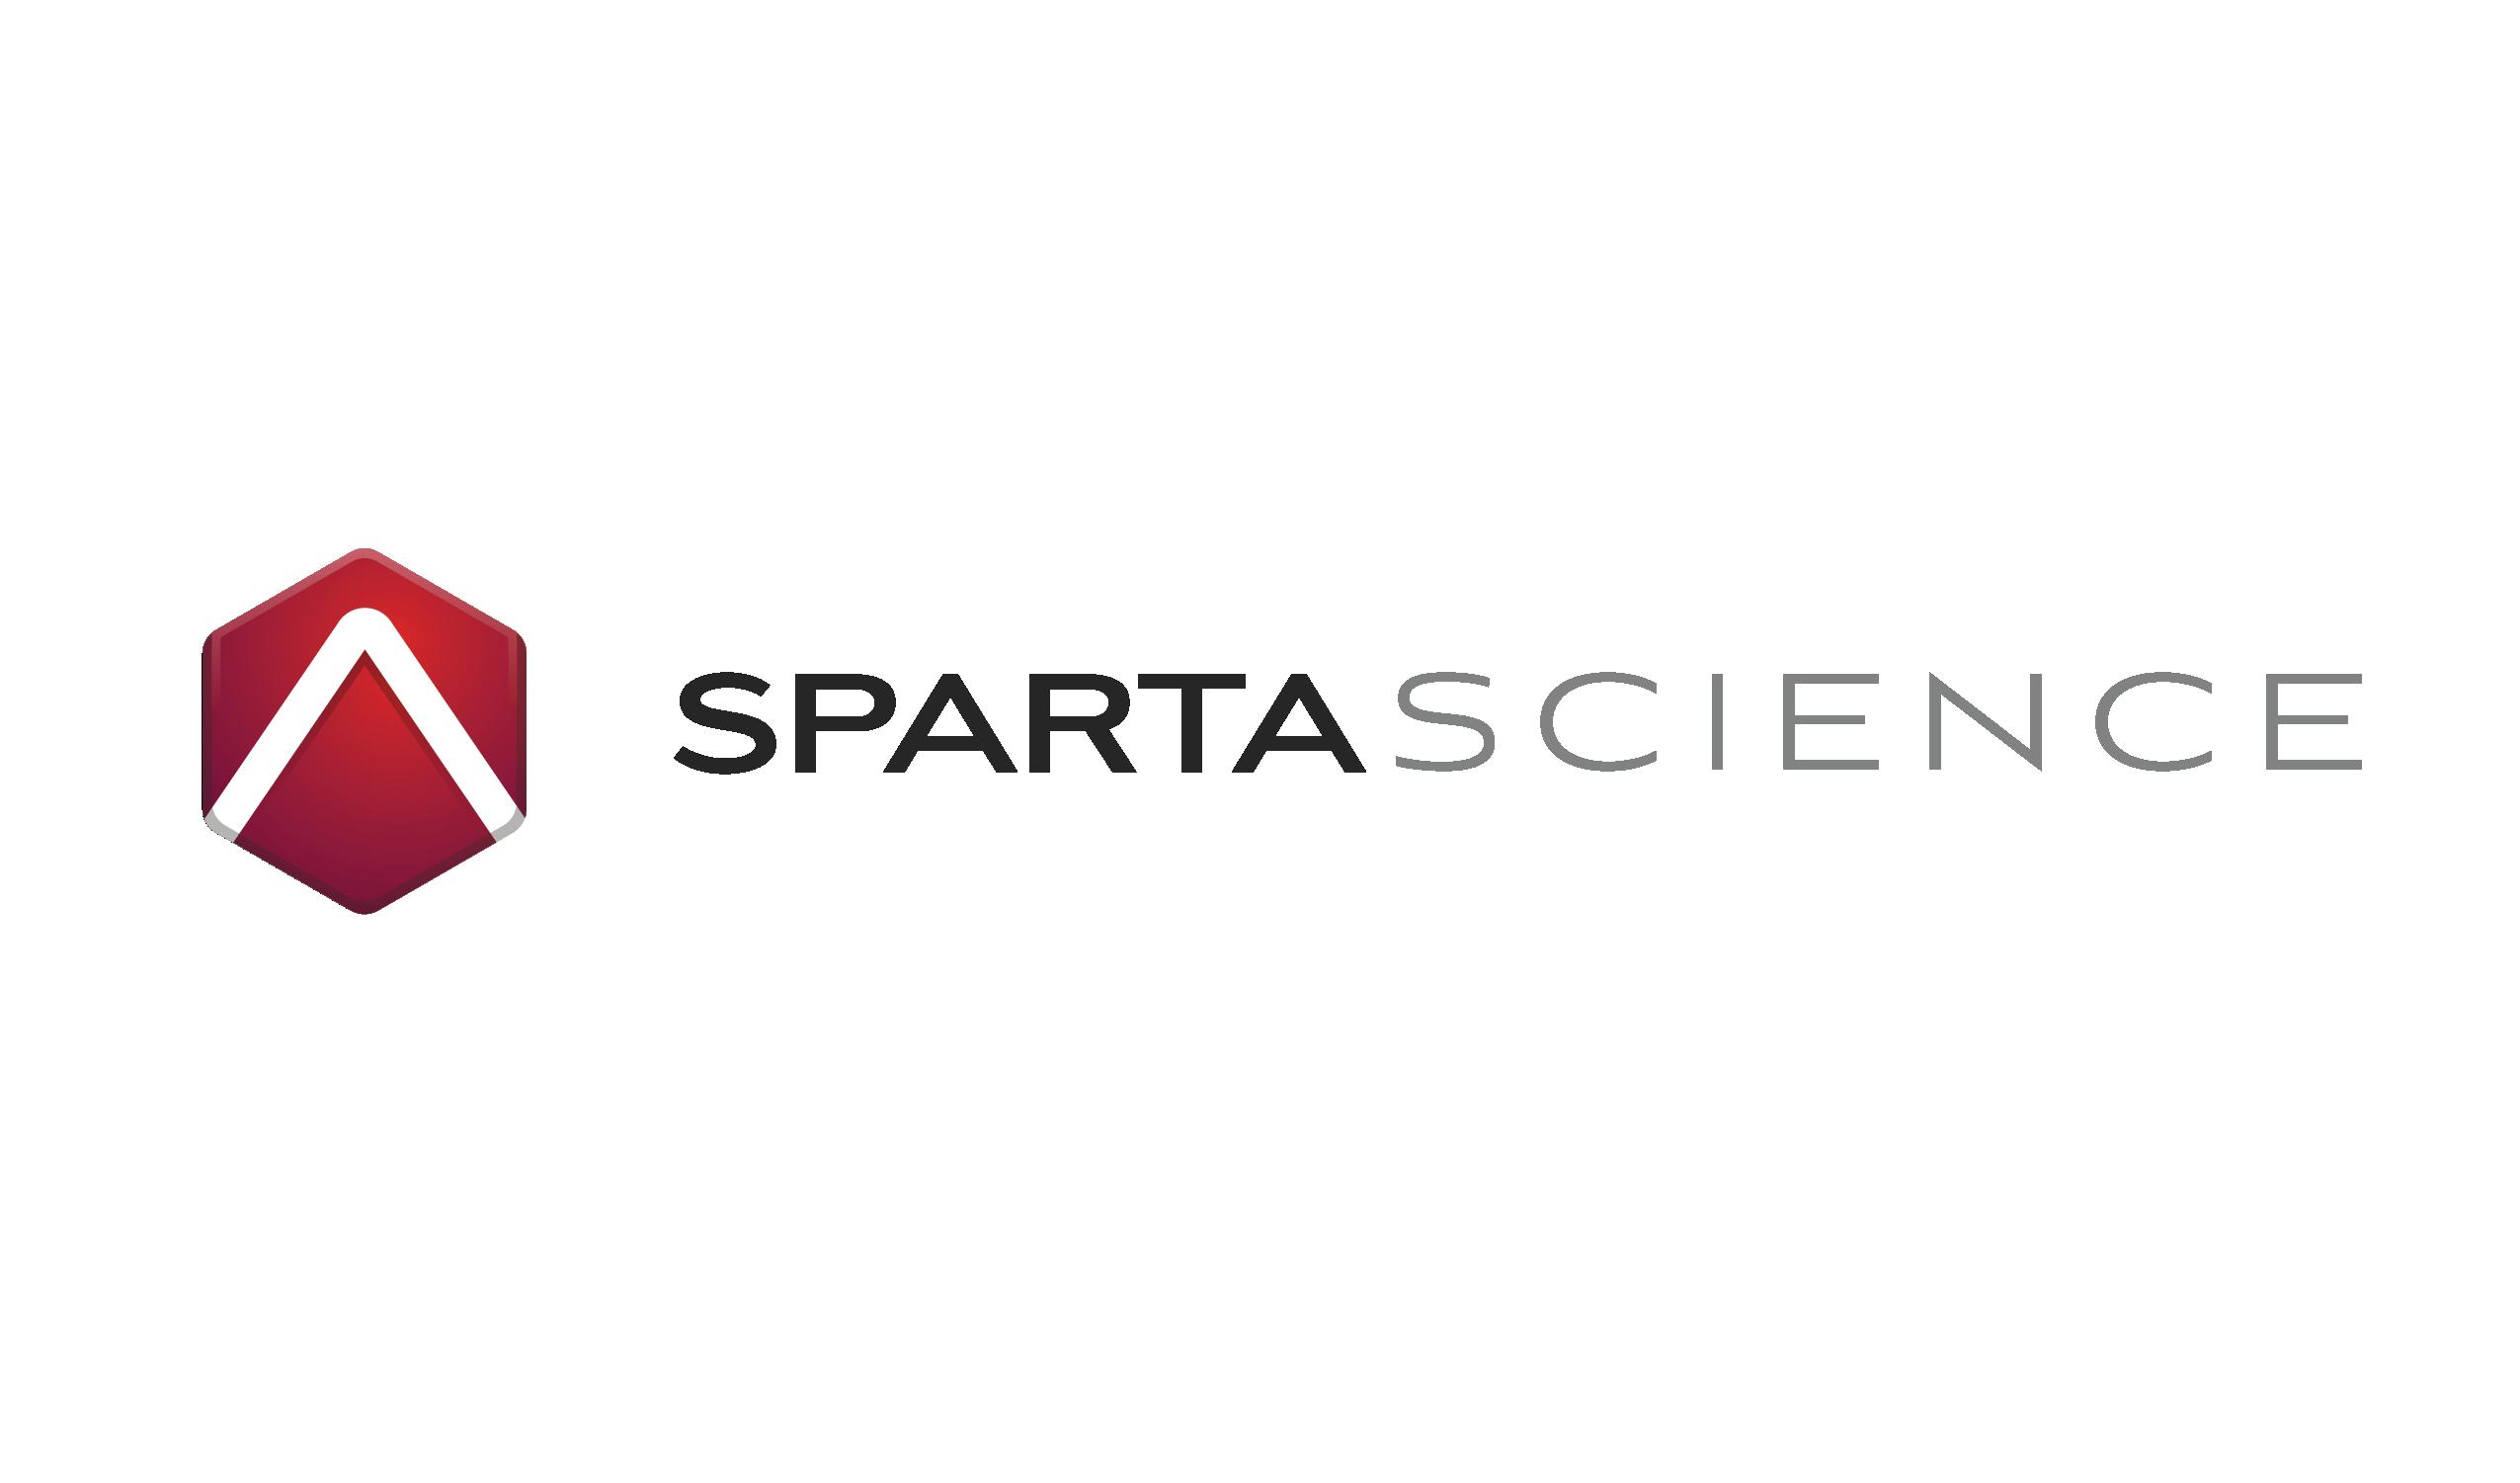 Sparta Science